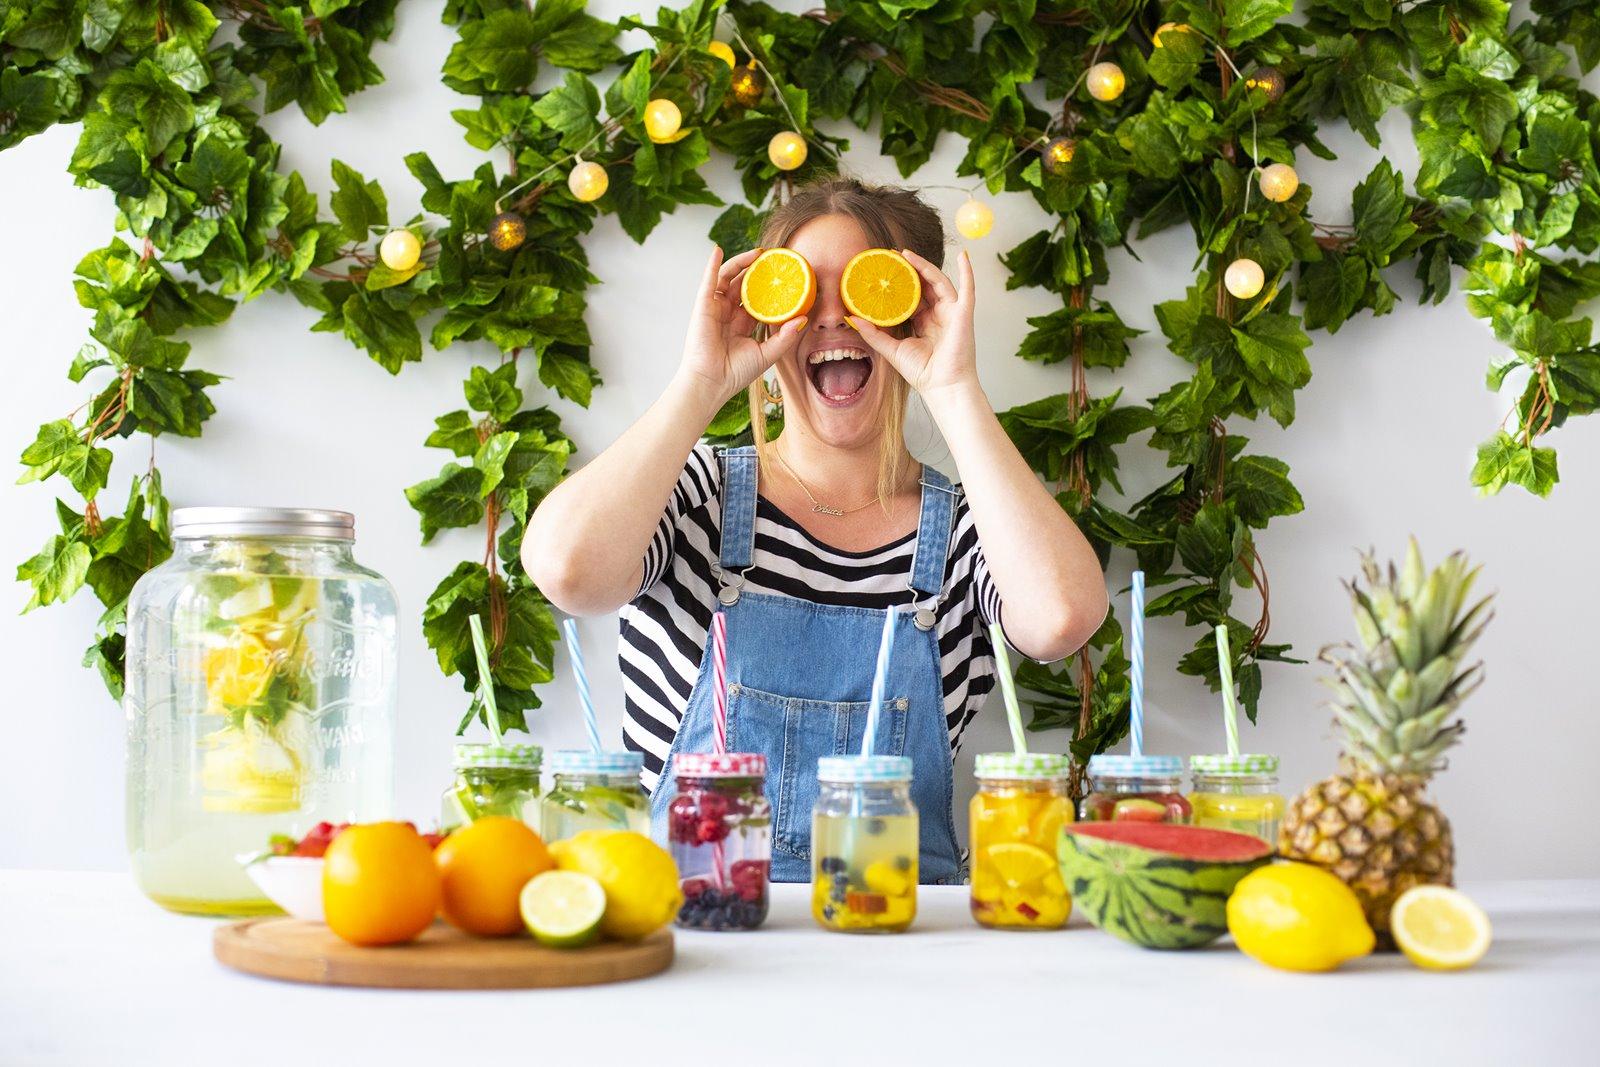 1 przepis na lemoniady jak zrobić lemoniadę jakie owoce można dać do lemoniady sposoby na upały nawadniające napoje jak się nawodnić promocja słoik z uchem browin słoik ze słomką lemoniada owoce lato wakacje youtube